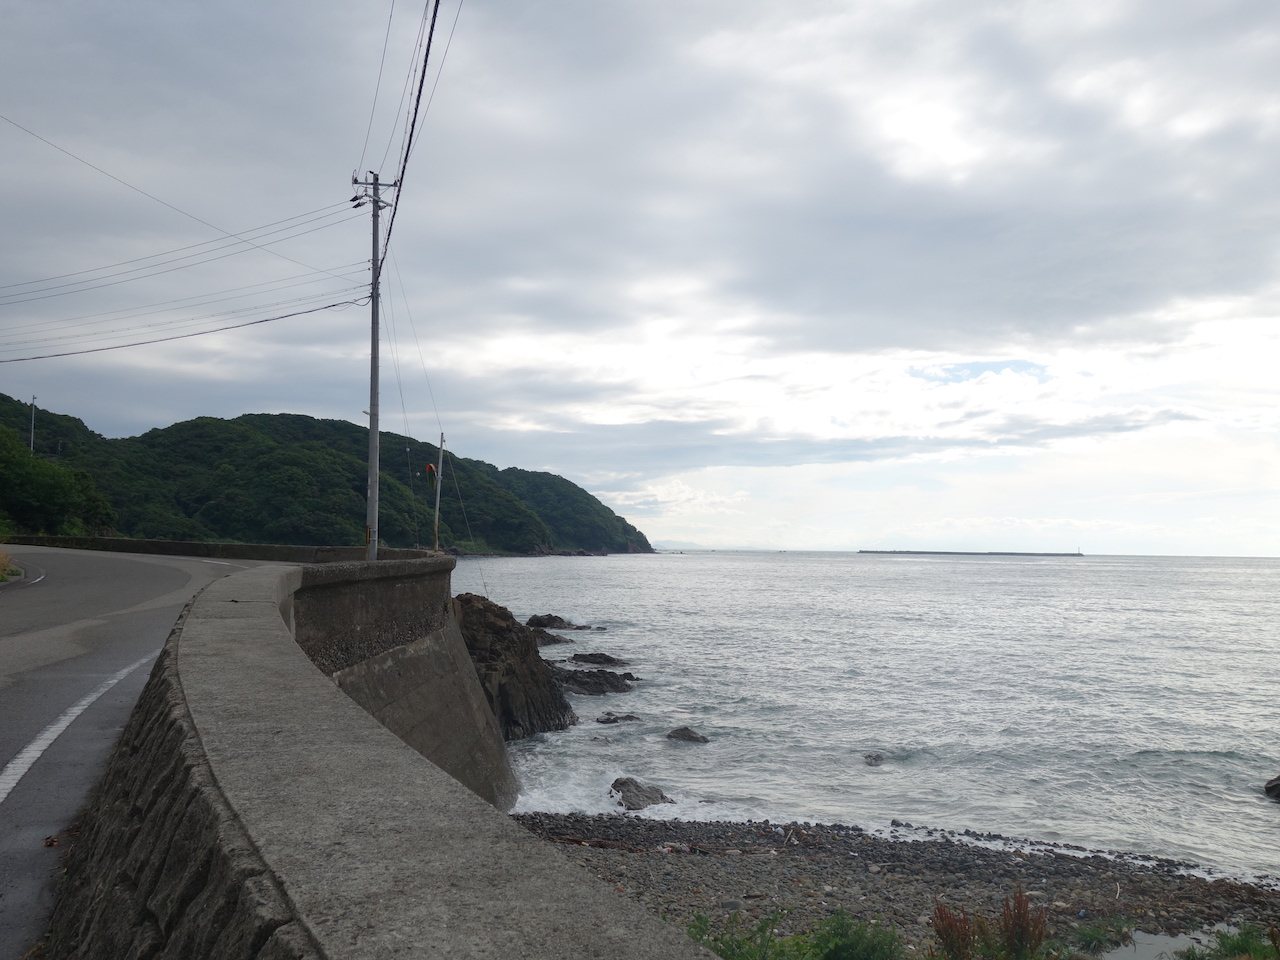 和歌山県の温泉館 海の里「みちしおの湯」がかなり絶景露天風呂だった